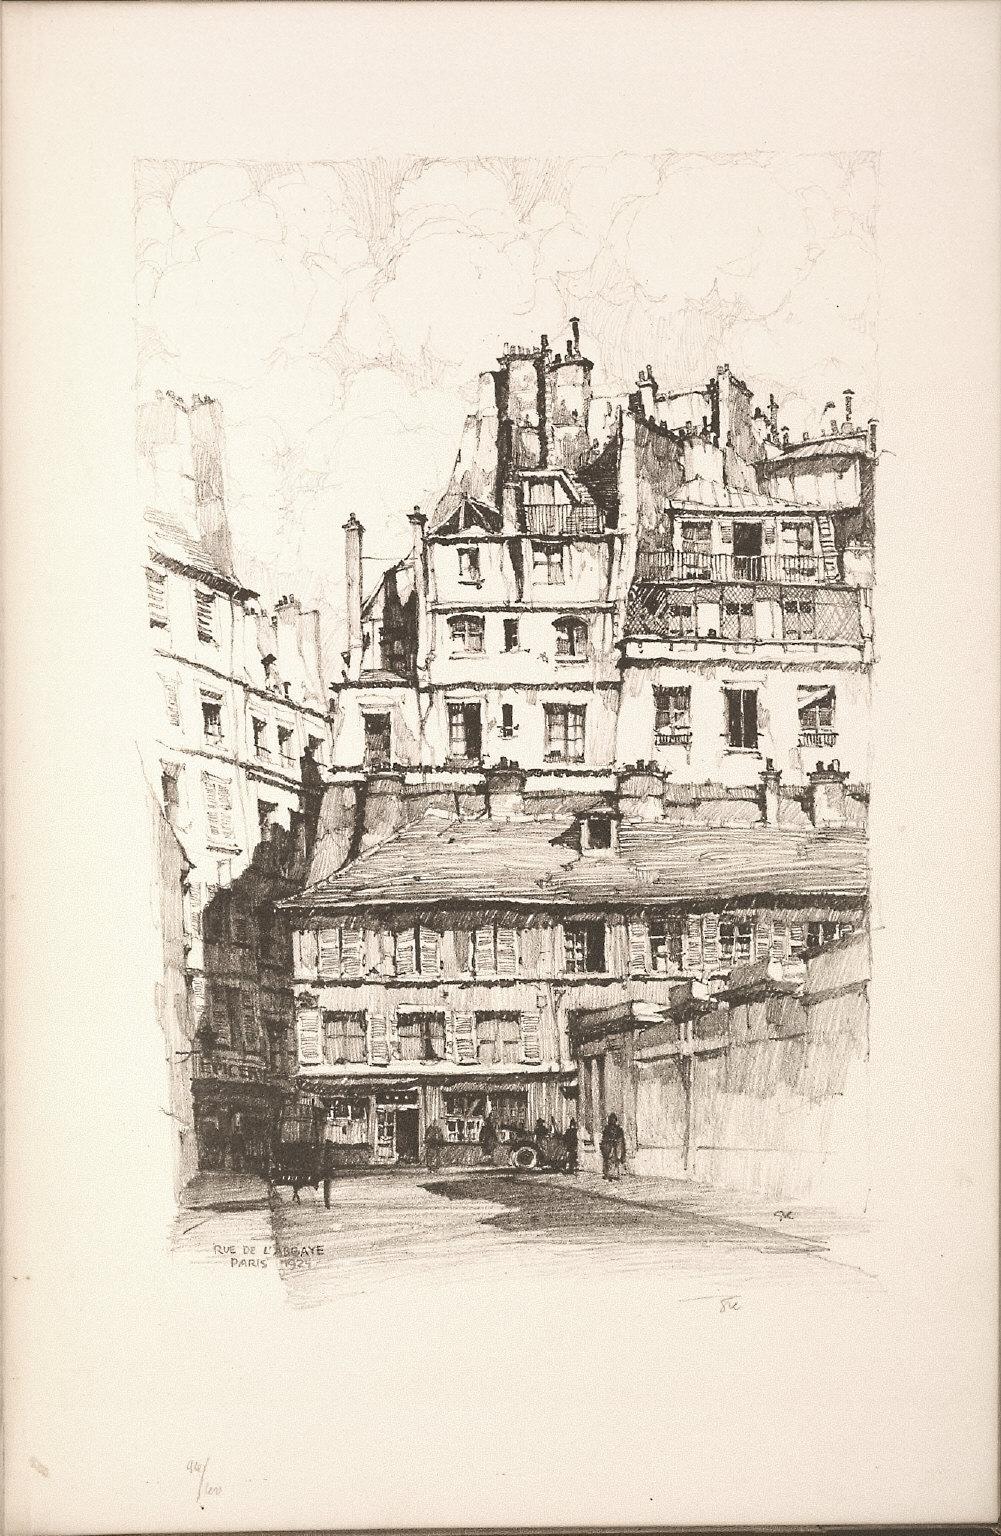 Twenty Lithographs of Old Paris: Rue de l'Abbaye, Paris